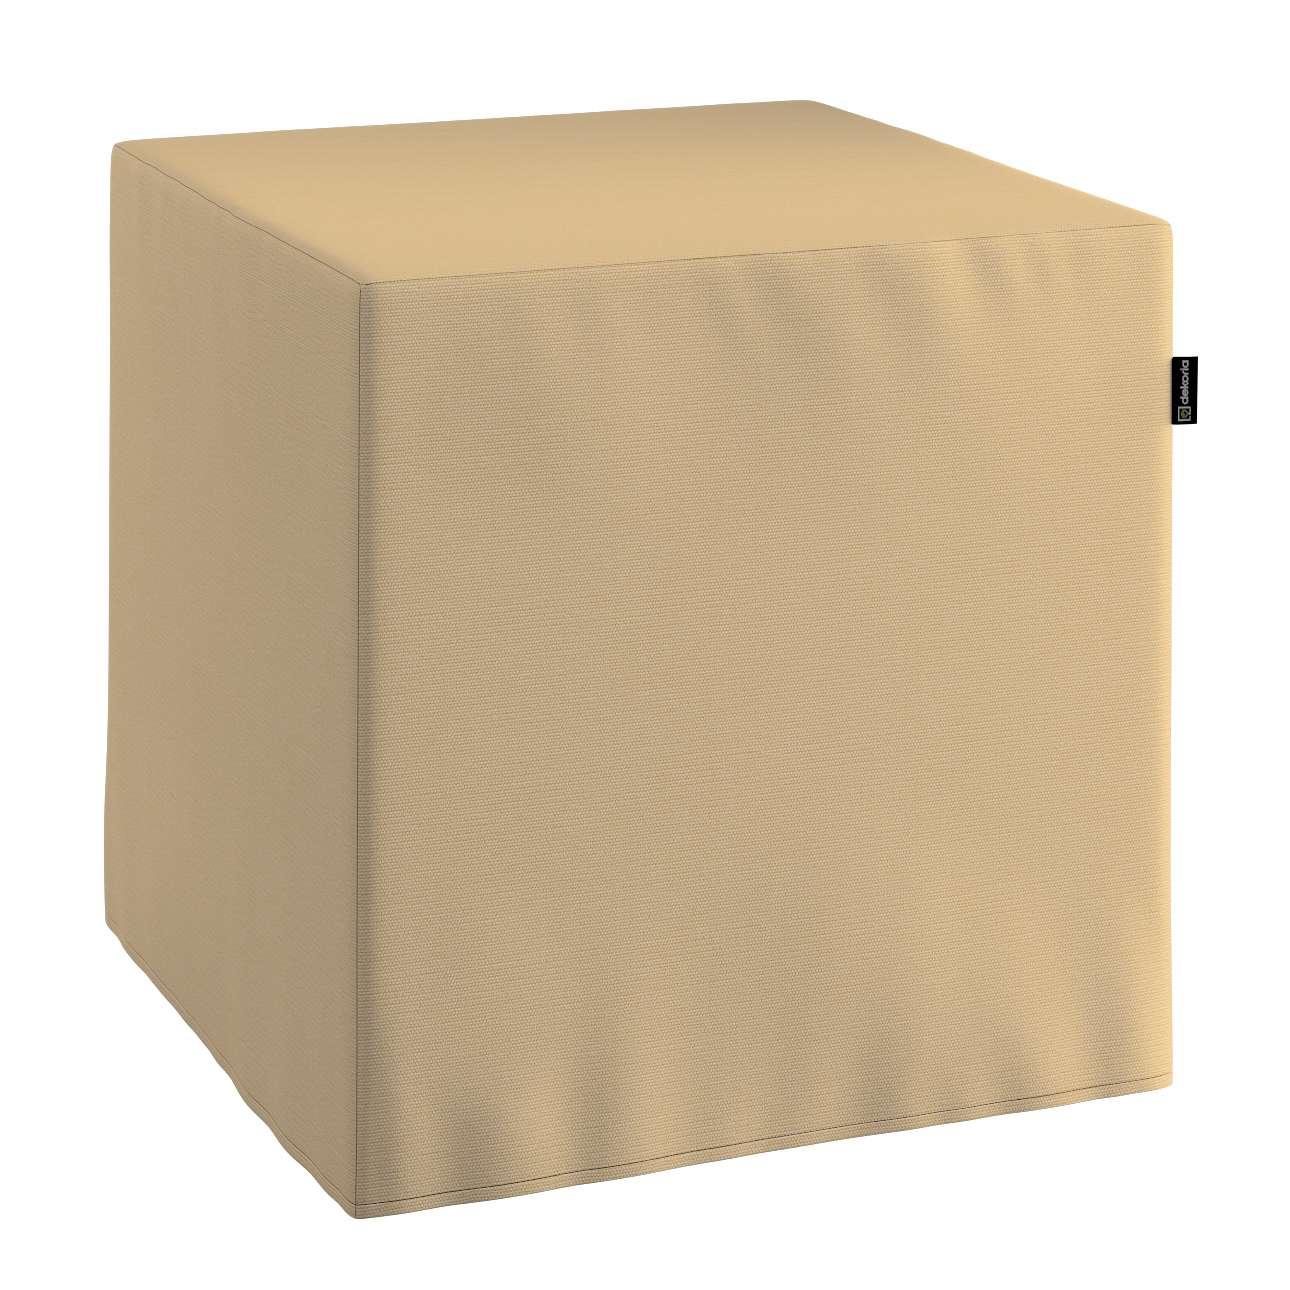 Bezug für Sitzwürfel Bezug für Sitzwürfel 40x40x40 cm von der Kollektion Cotton Panama, Stoff: 702-01